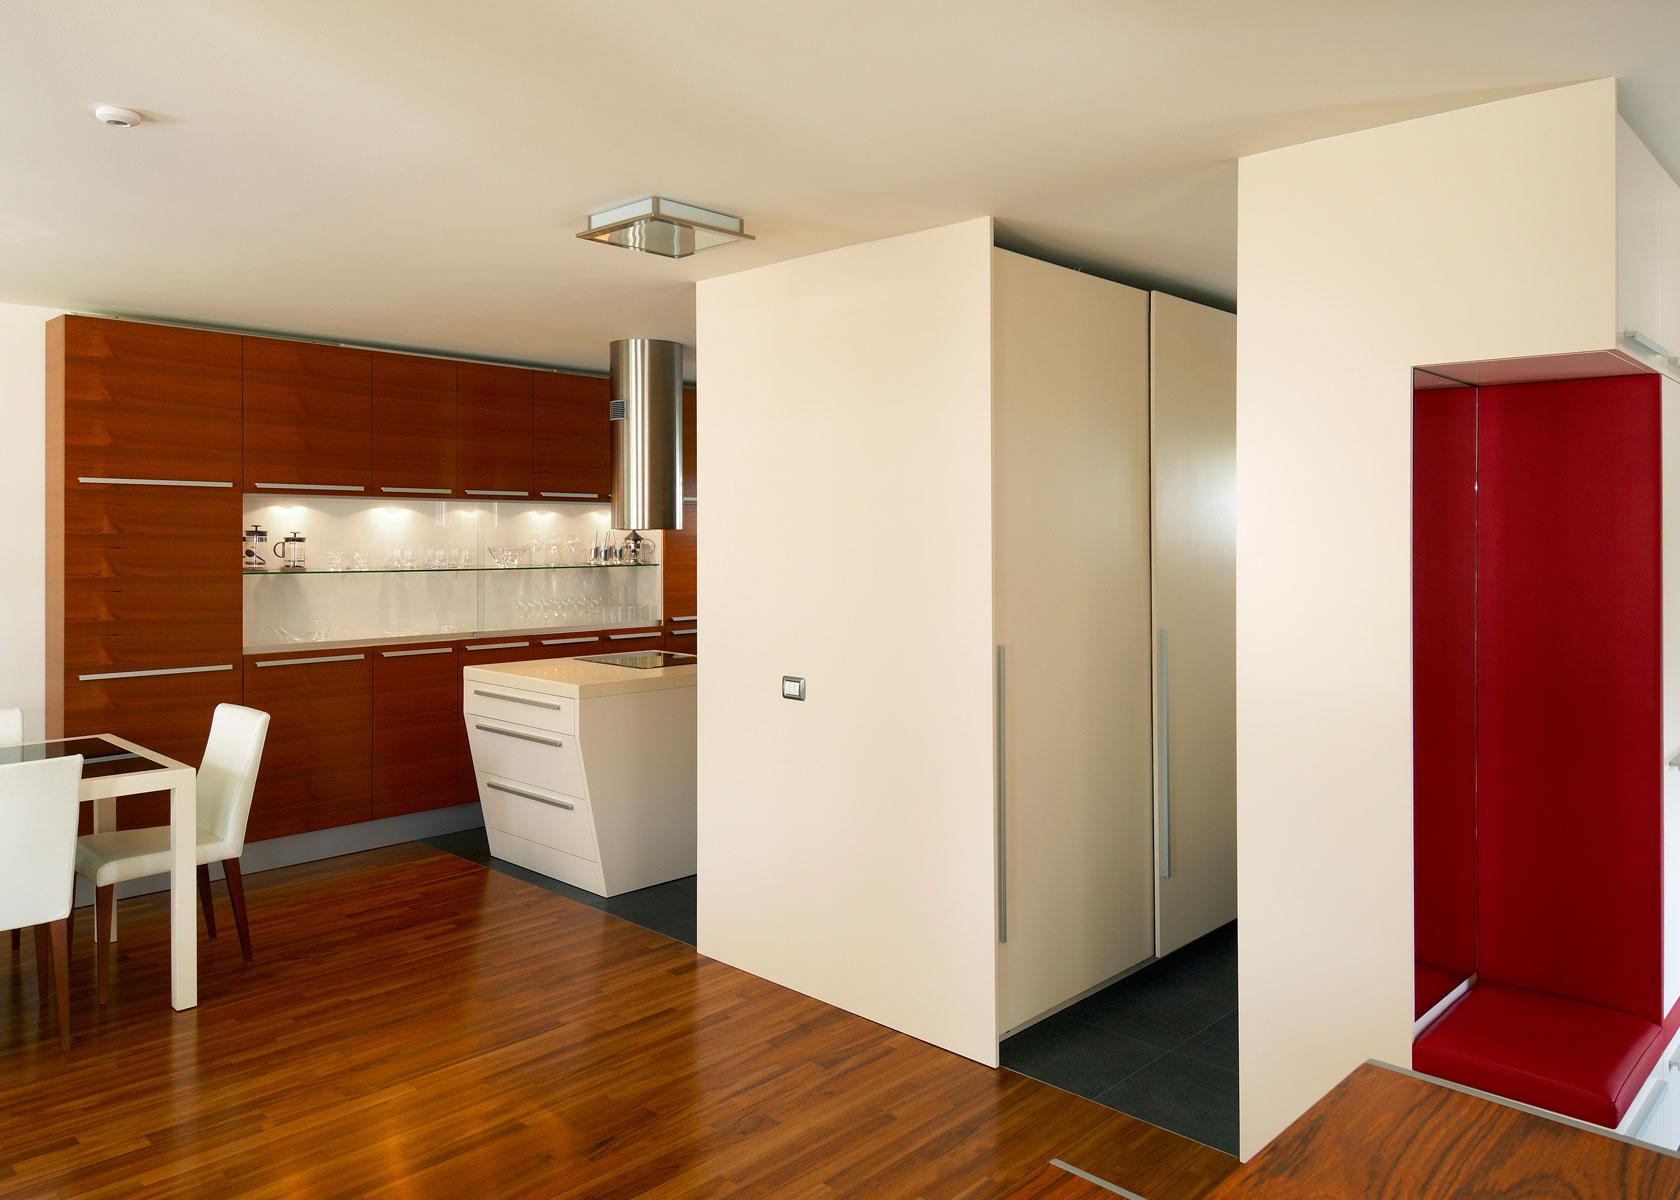 sodoben interier dnevnega prostora s kuhinjo